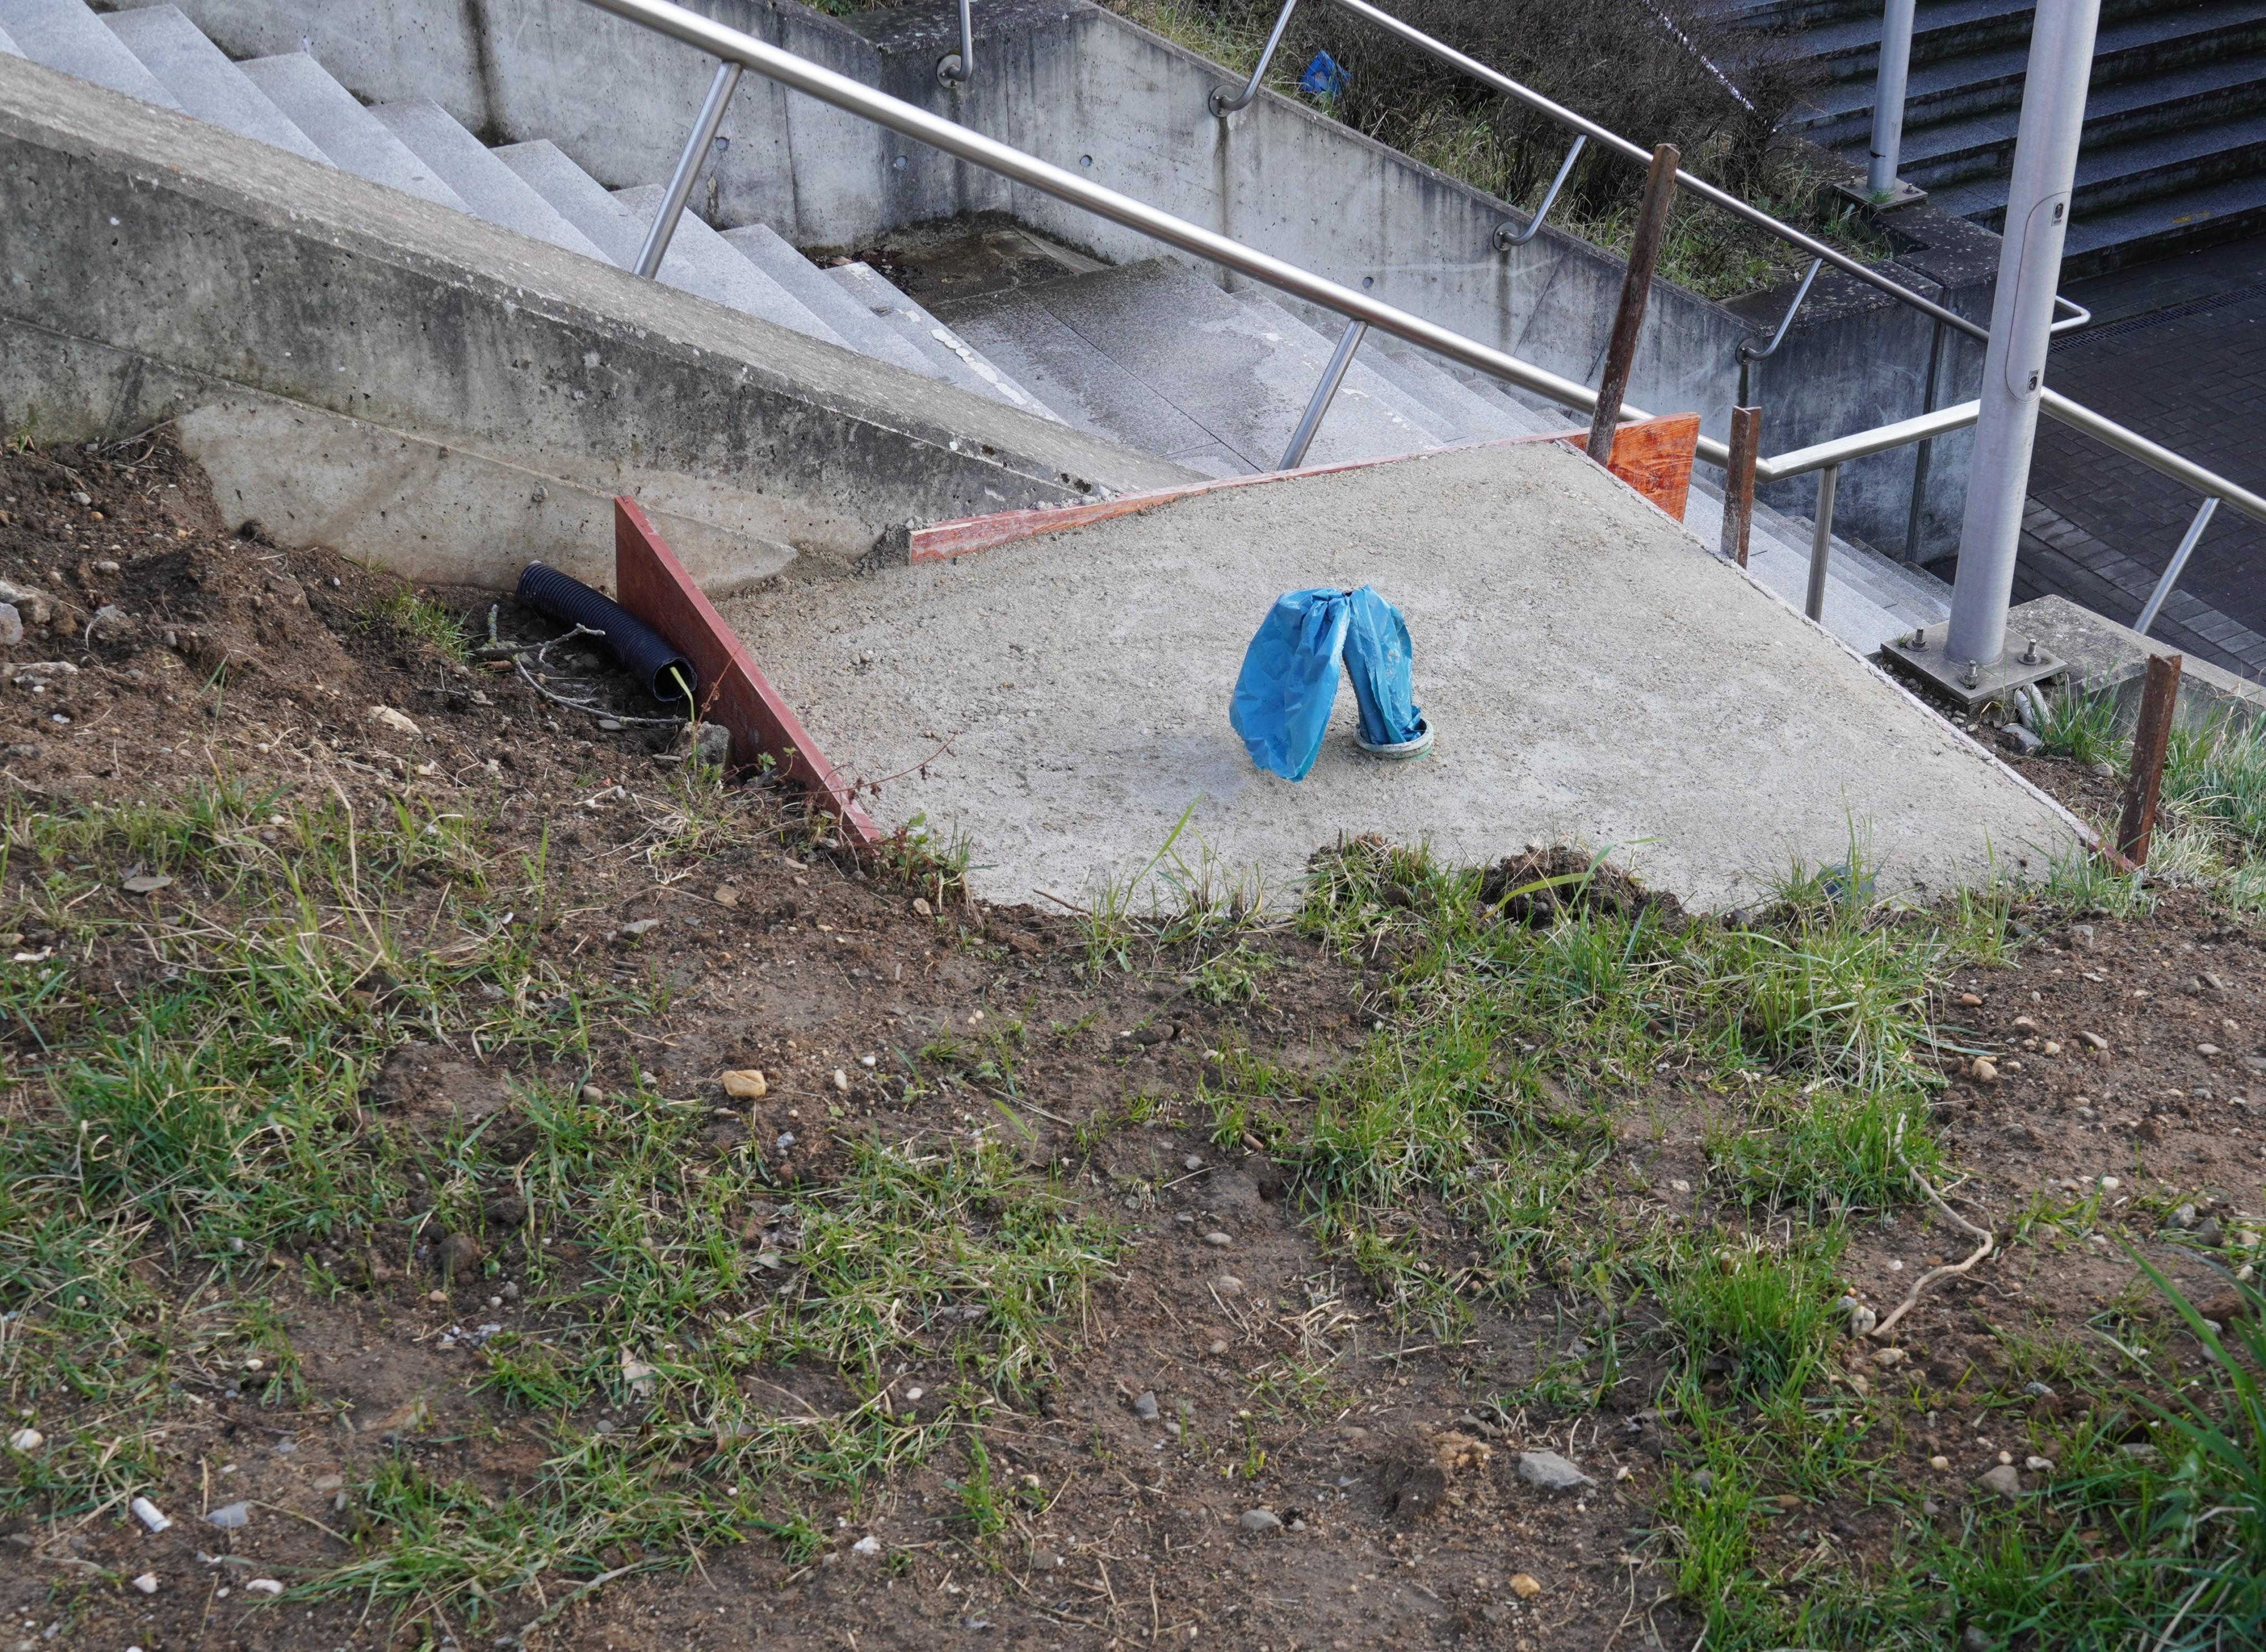 Das Fundament der DFI Anlage neben dem Treppenabgang am Bahnhof Pulheim